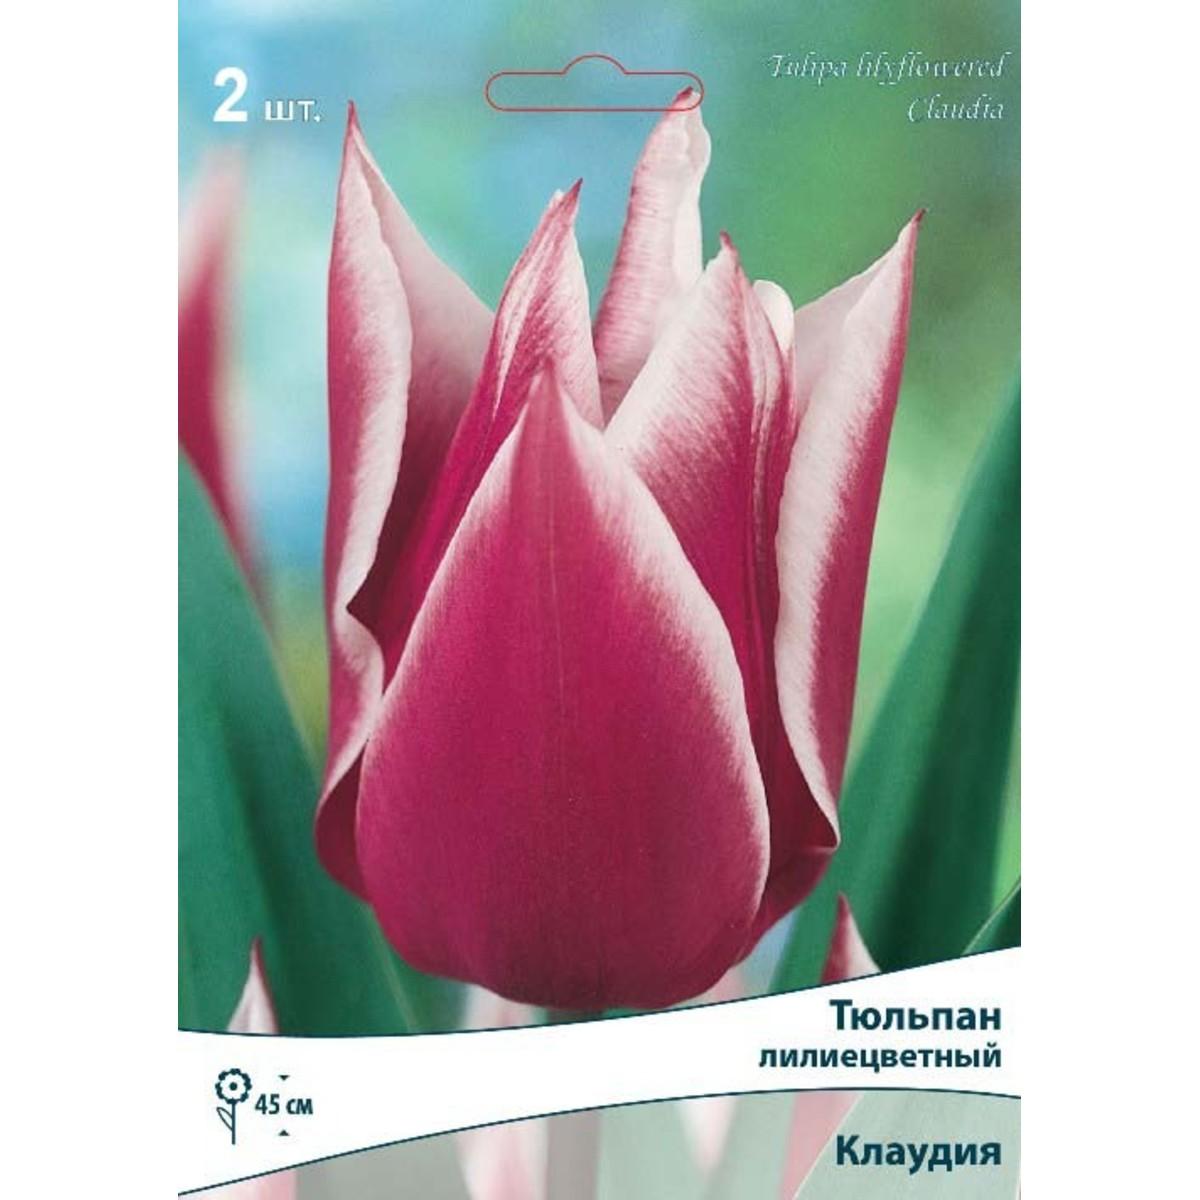 Тюльпан лилиецветный Клаудия размер луковицы 10/11 2 шт.